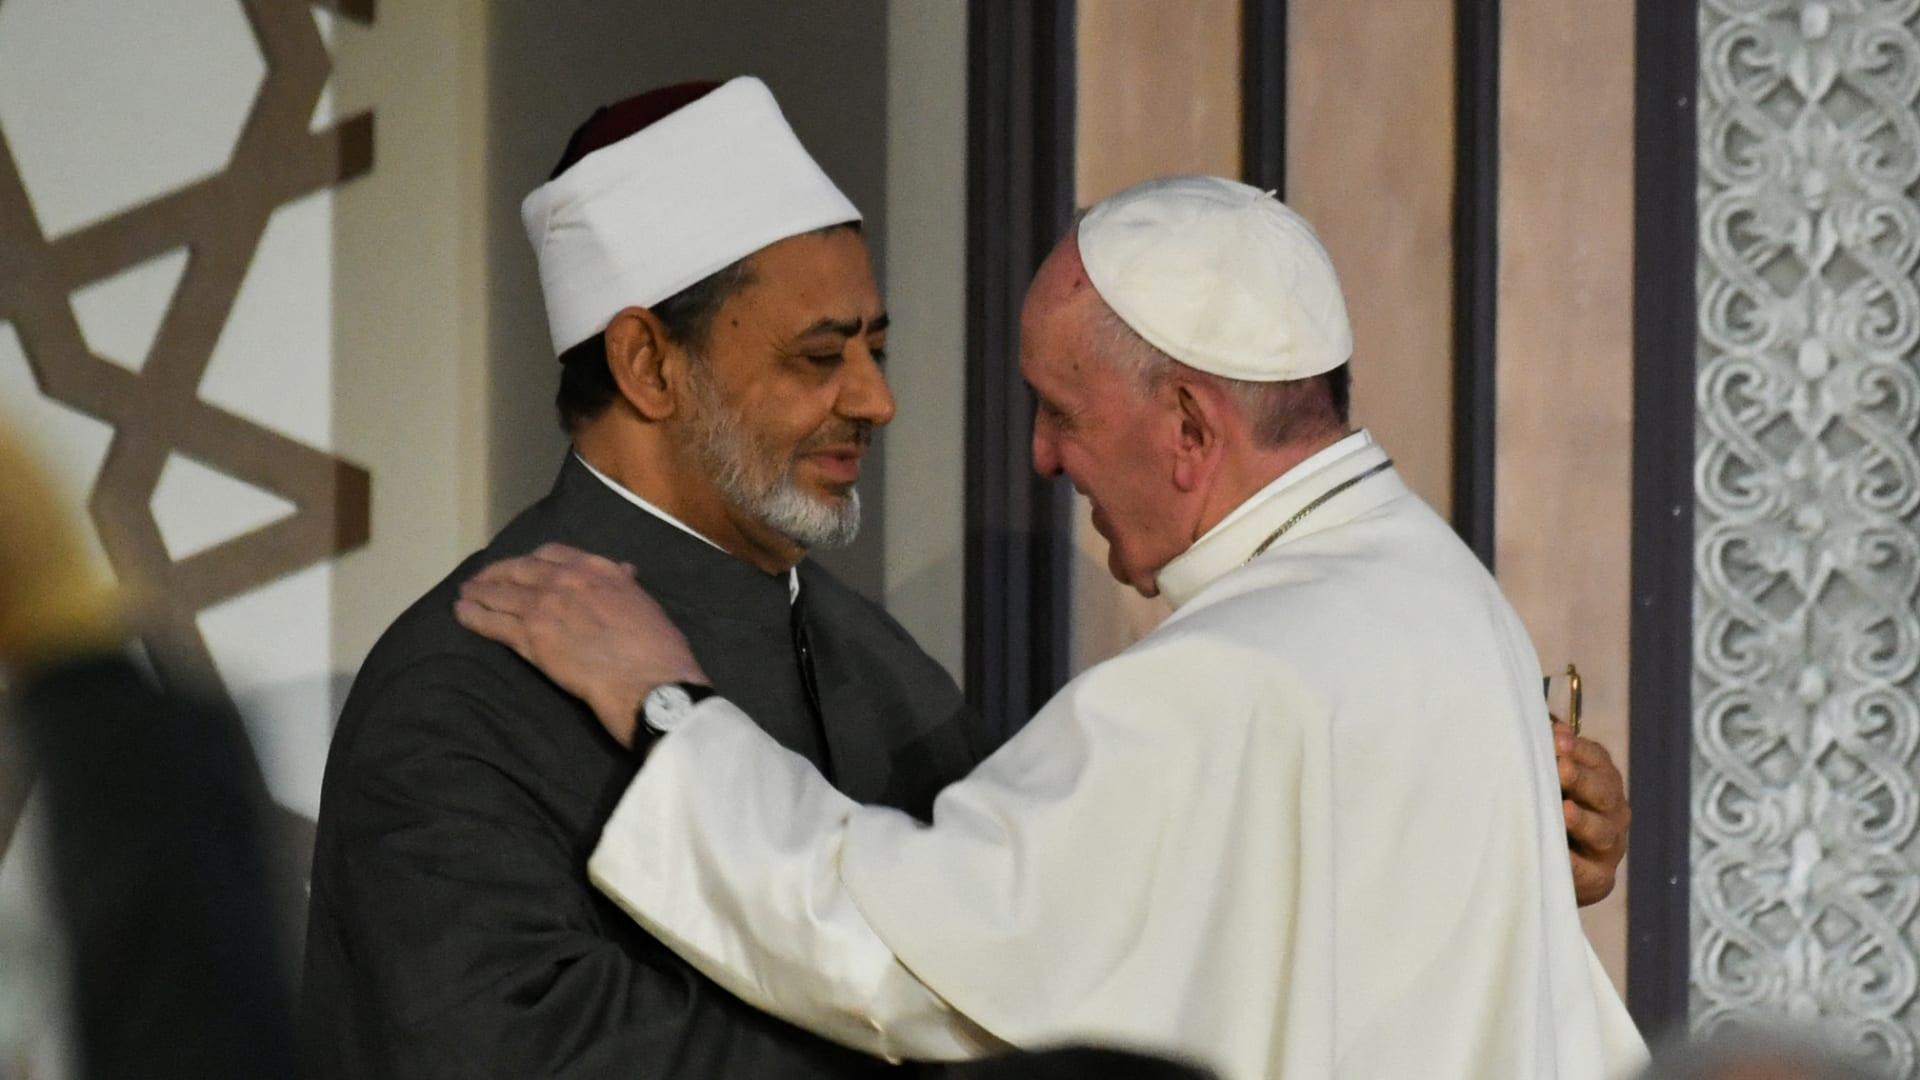 شيخ الأزهر بأول حوار مع إذاعة الفاتيكان: رسالة البابا فرنسيس مهمة للمسلمين ولغيرهم thumbnail